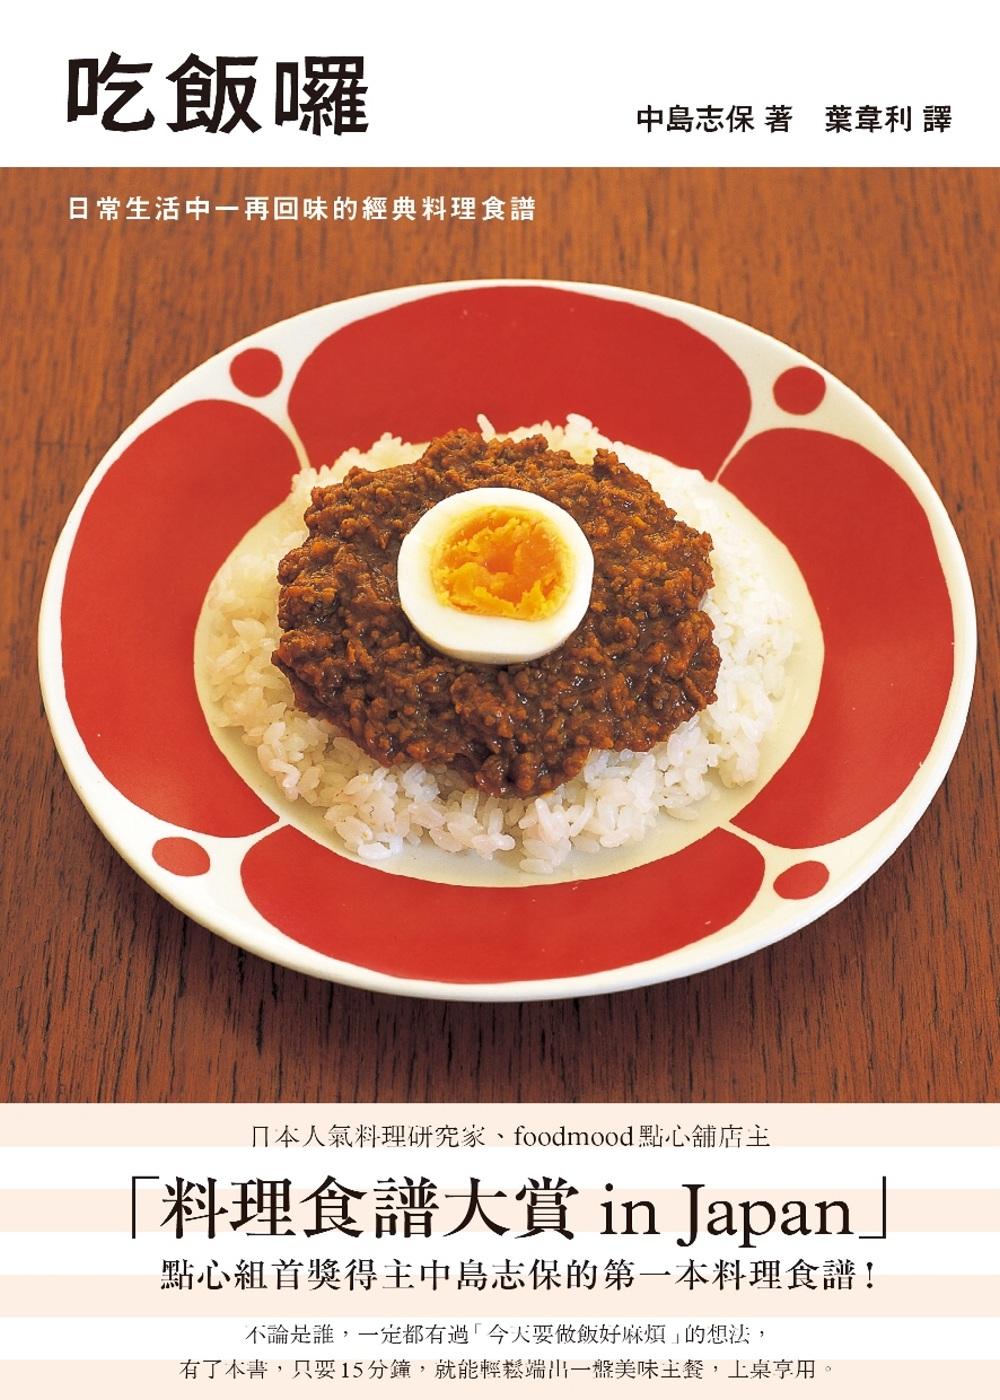 ◤博客來BOOKS◢ 暢銷書榜《推薦》吃飯囉:日常生活中一再回味的經典料理食譜